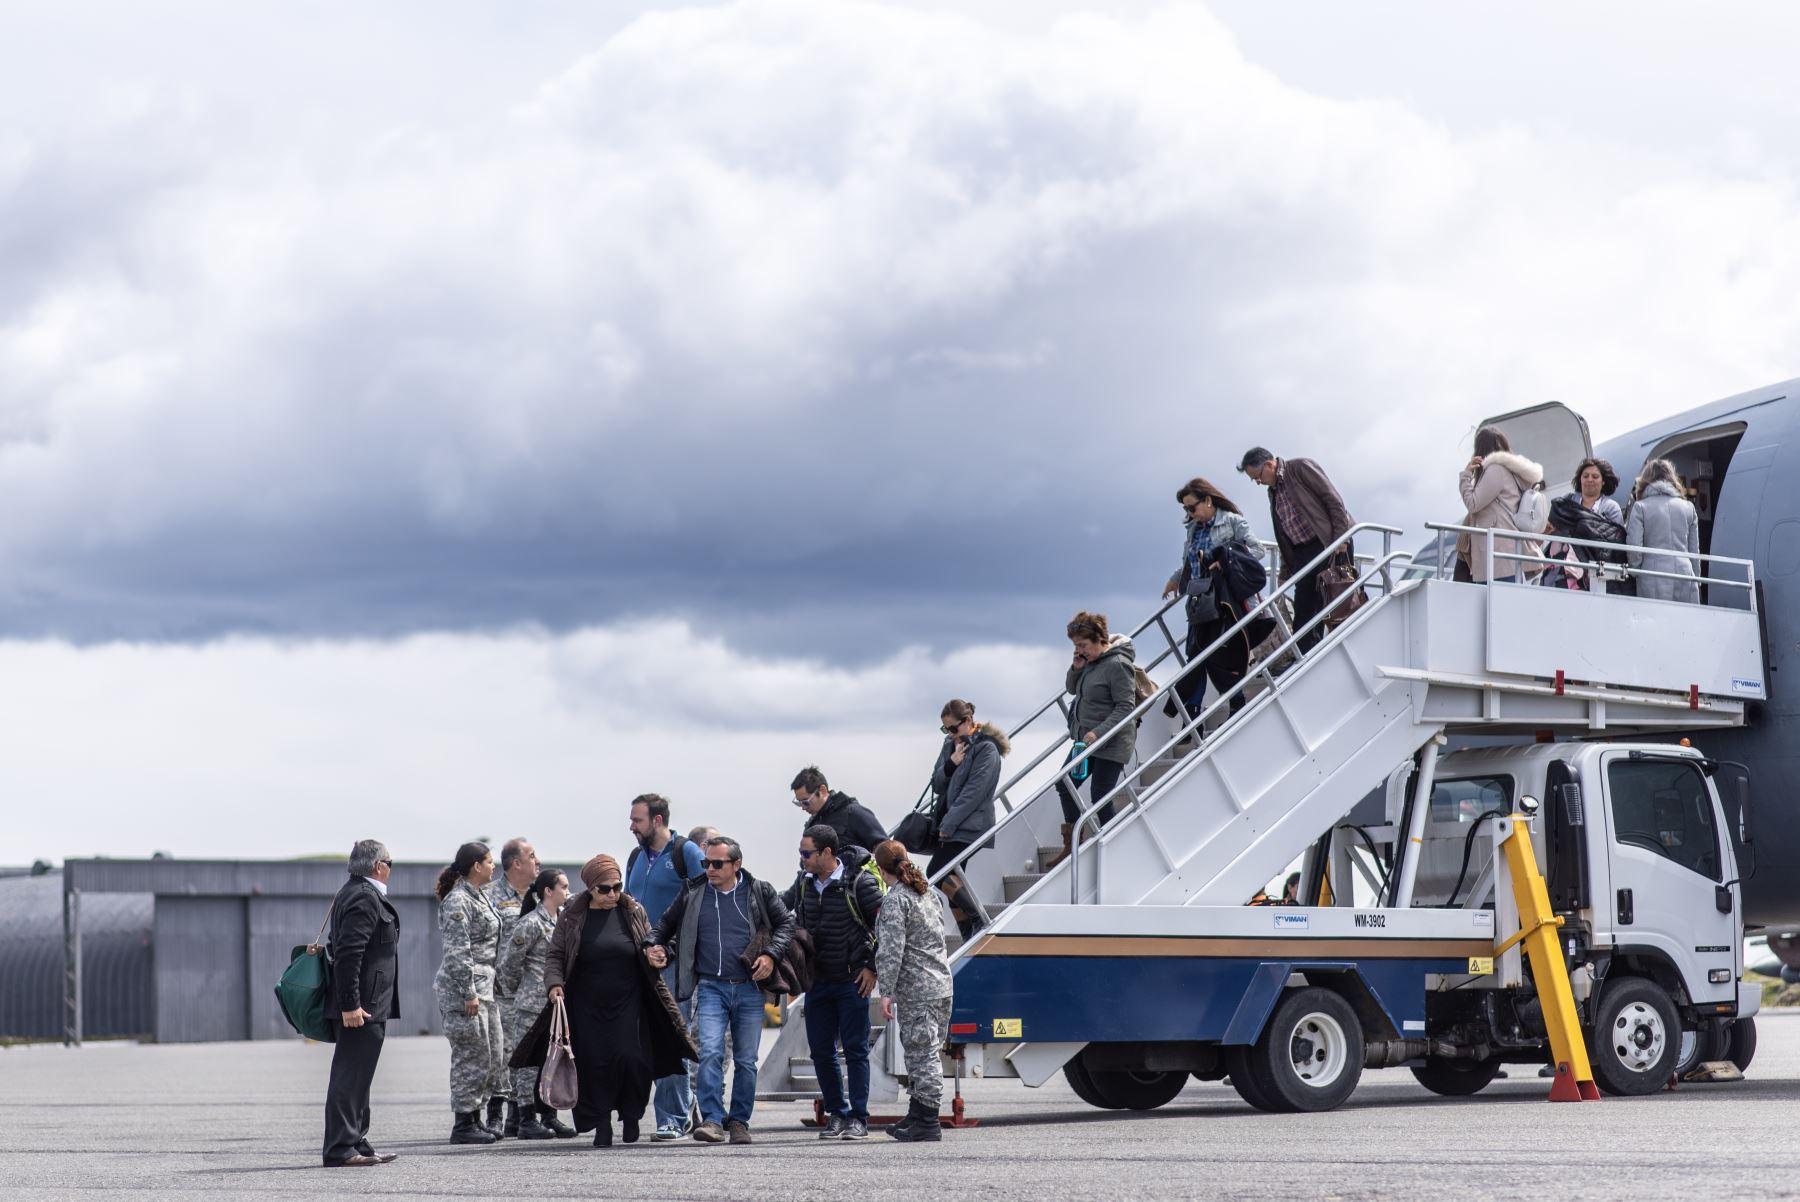 Familiares de personas a bordo del avión de carga Hércules C-130 de la Fuerza Aérea de Chile que desapareció en el mar entre el extremo sur de América del Sur y la Antártida, llegan a la base del ejército Chabunco en Punta Arenas, Chile. Foto: AFP